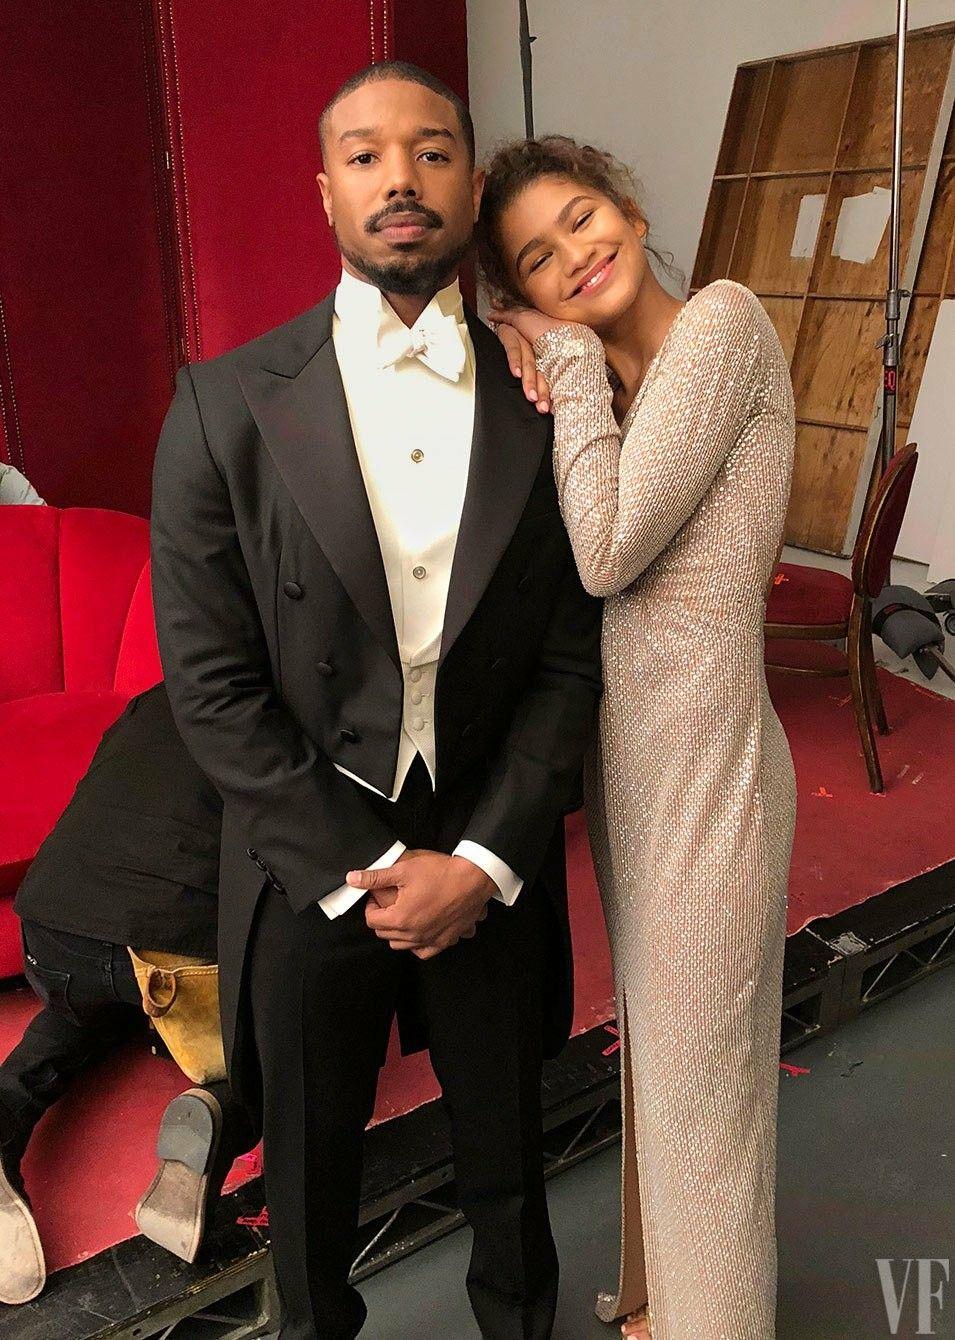 plus récent 074d0 e28af Michael B. Jordan and Zendaya for Vanity Fair | Michael B ...